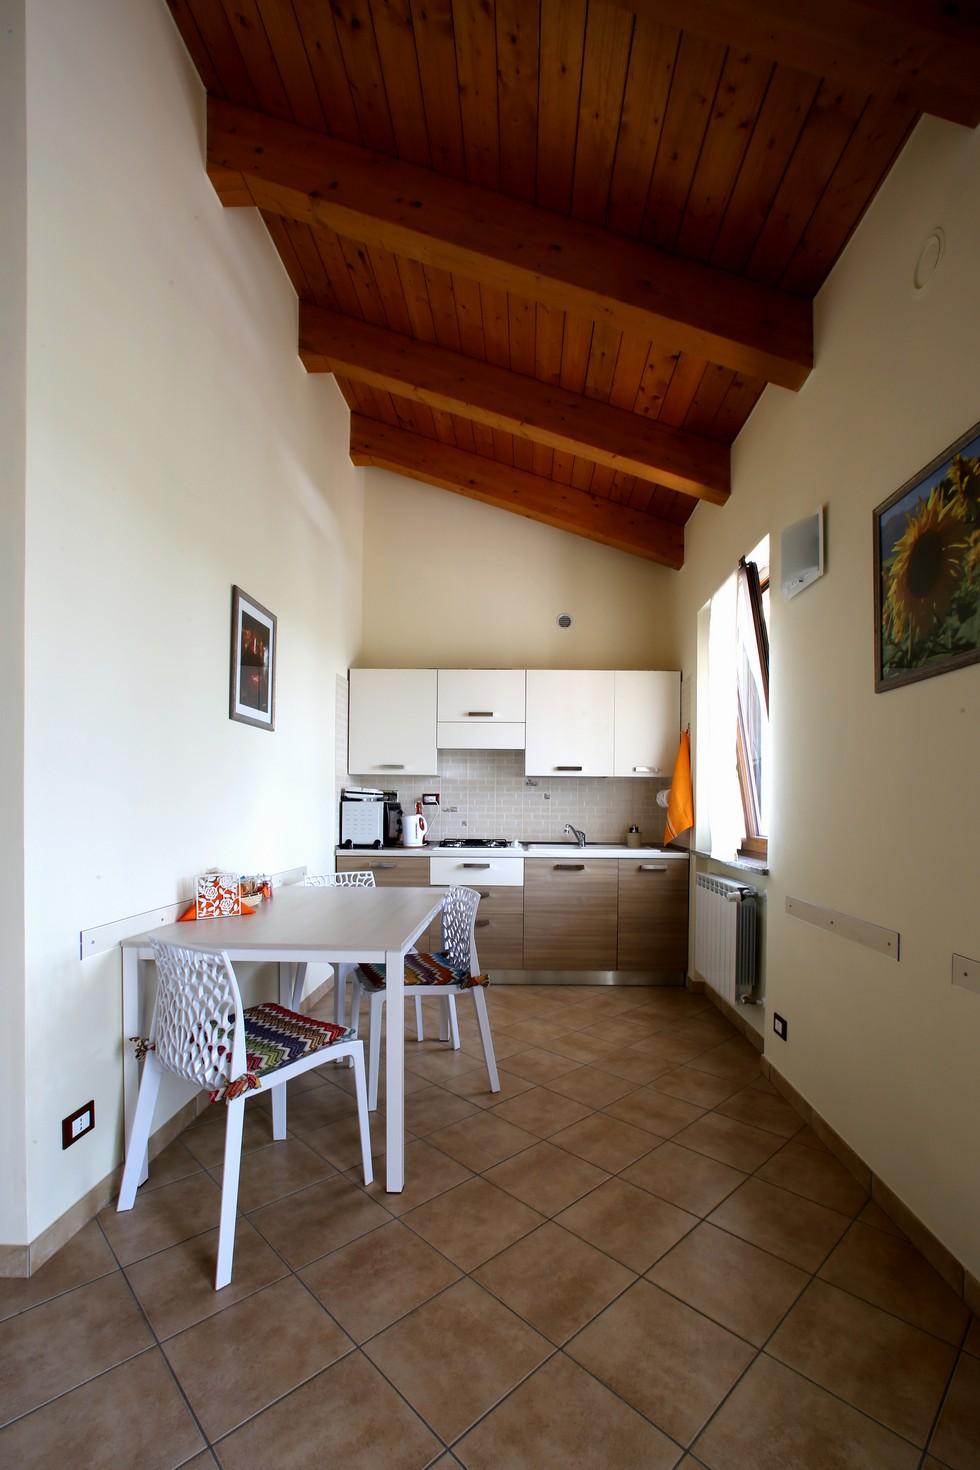 Angolo cucina in appartamento per le vacanze Piemonte